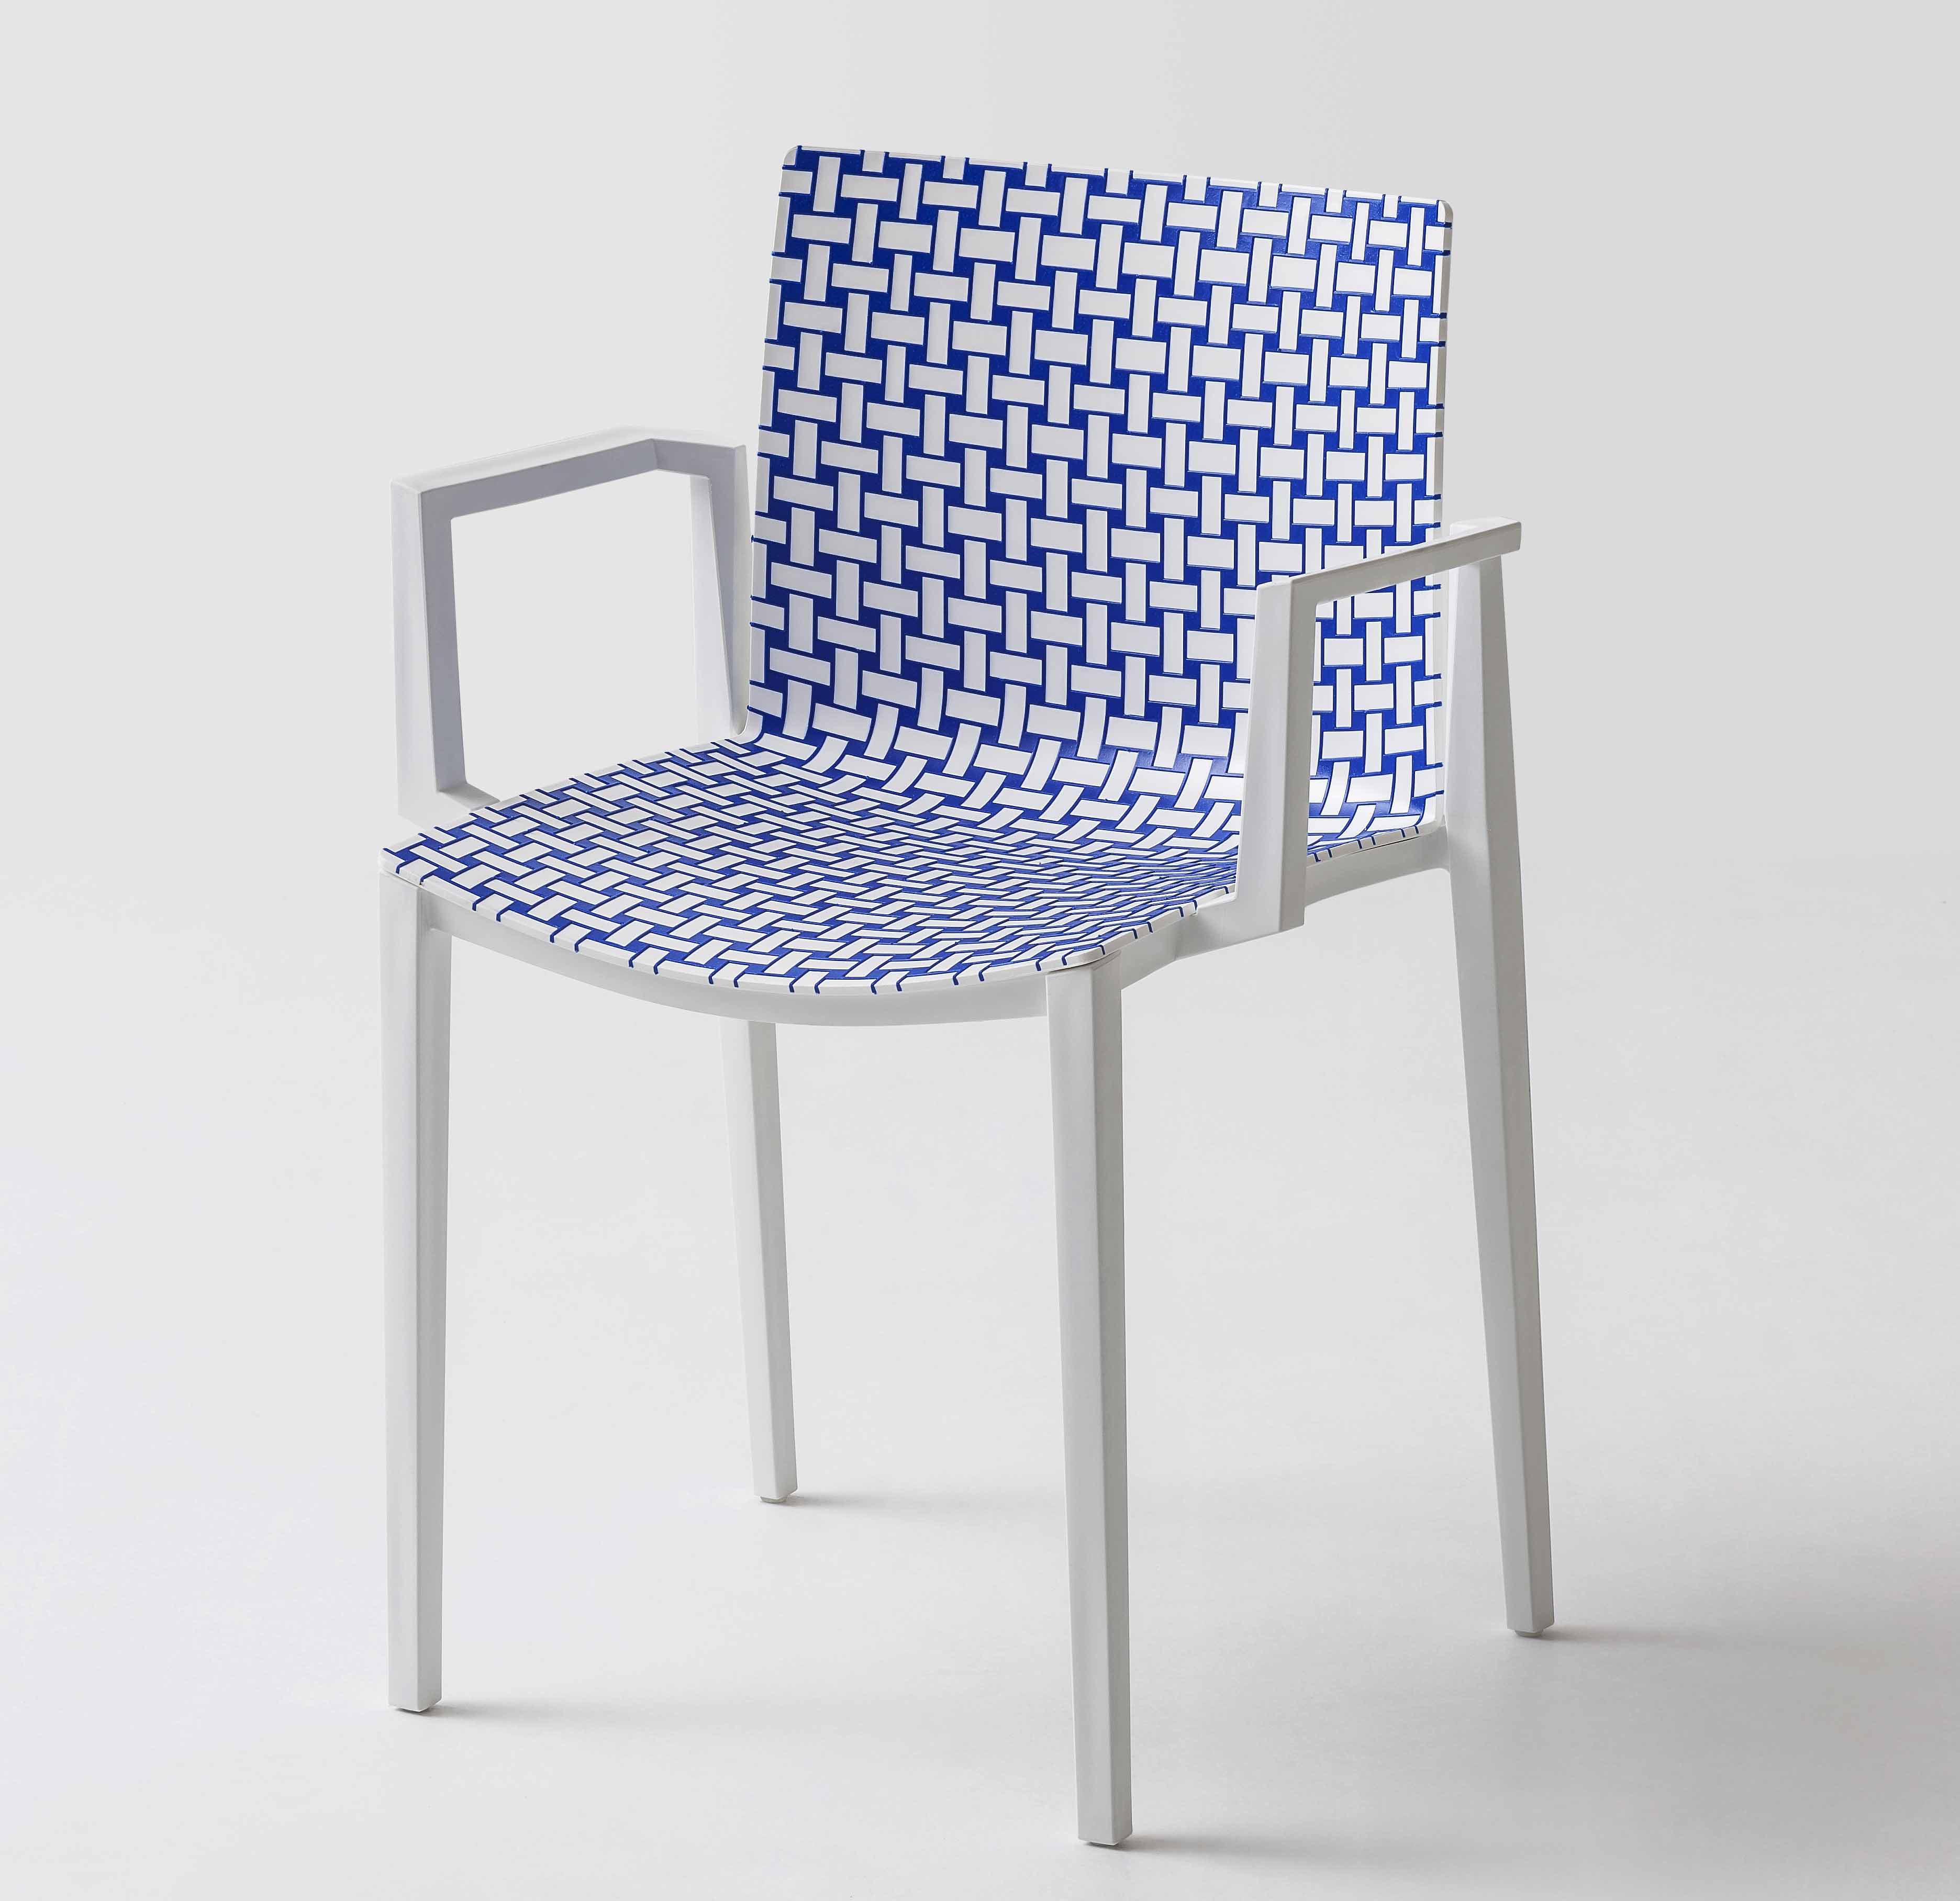 Sedie di design famose top le sedie di design che hanno segnato la storia del design oggetti - Sedie di design famosi ...